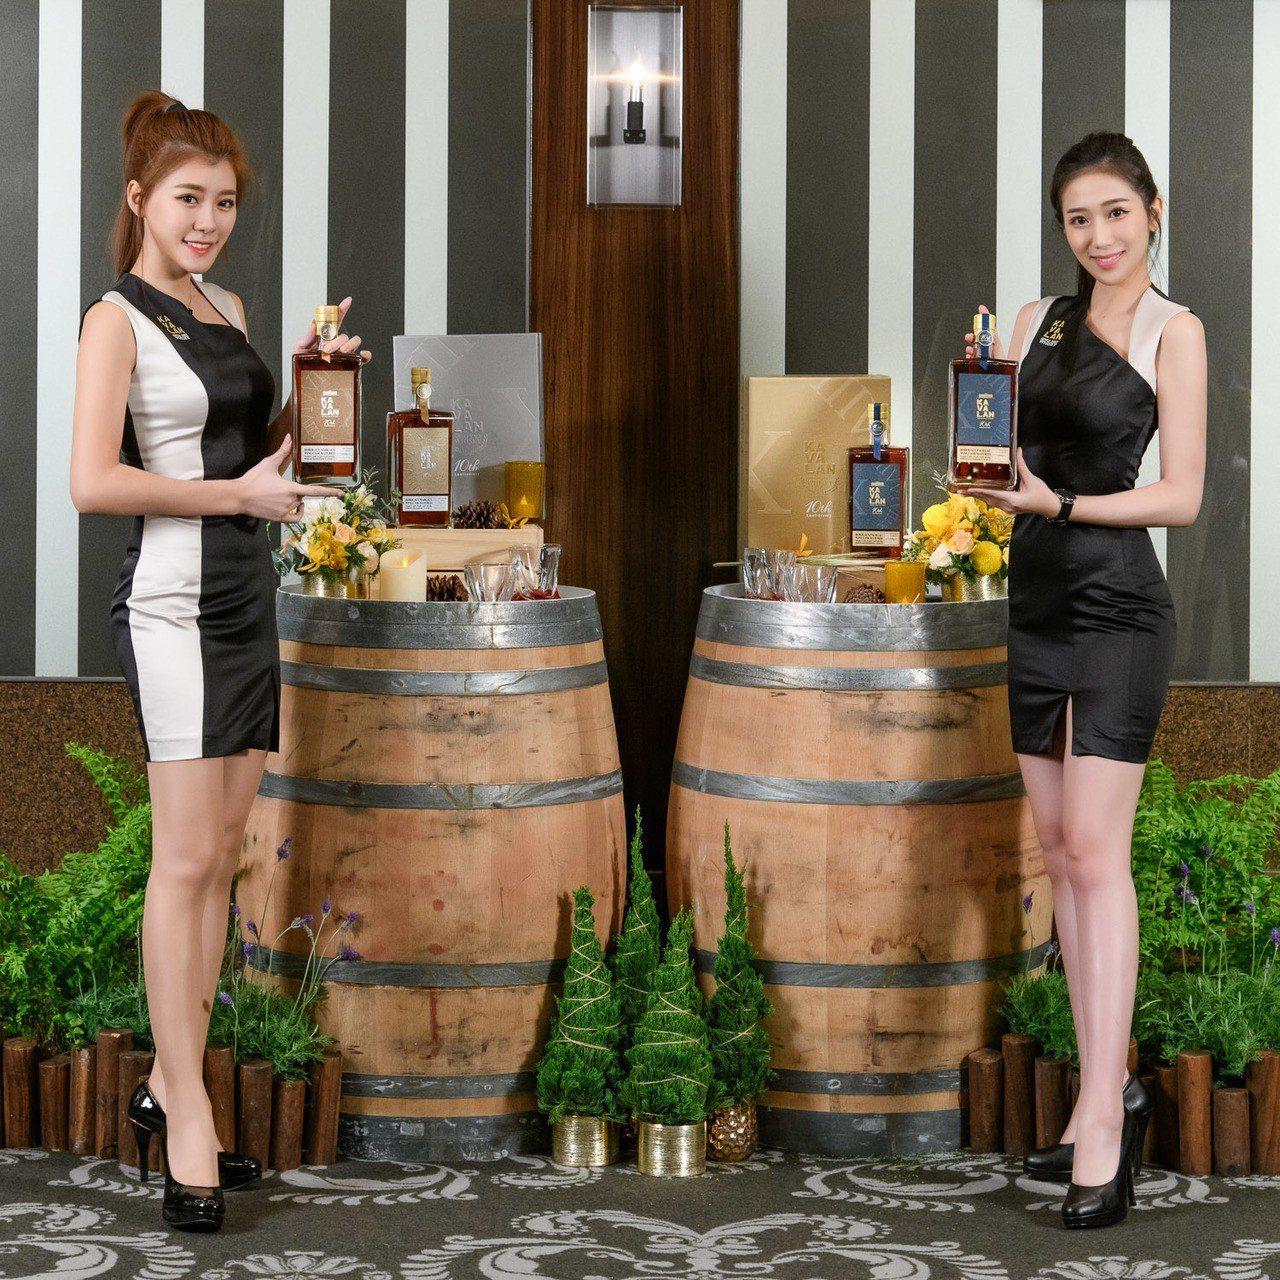 金車噶瑪蘭於今日歡慶上市十周年,推出限量紀念禮盒「噶瑪蘭波爾多瑪歌產區葡萄酒桶單...